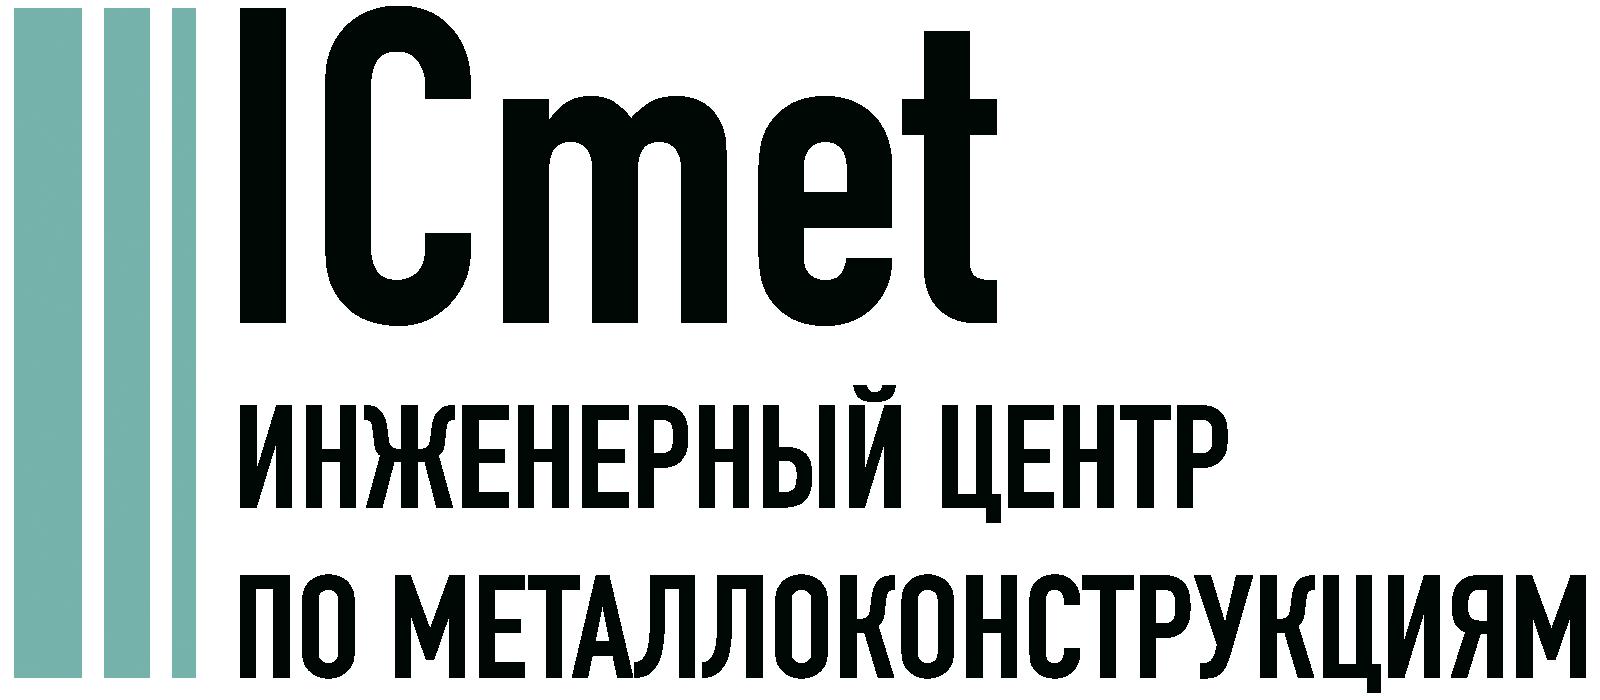 Проектирование металлоконструкций в Кирове